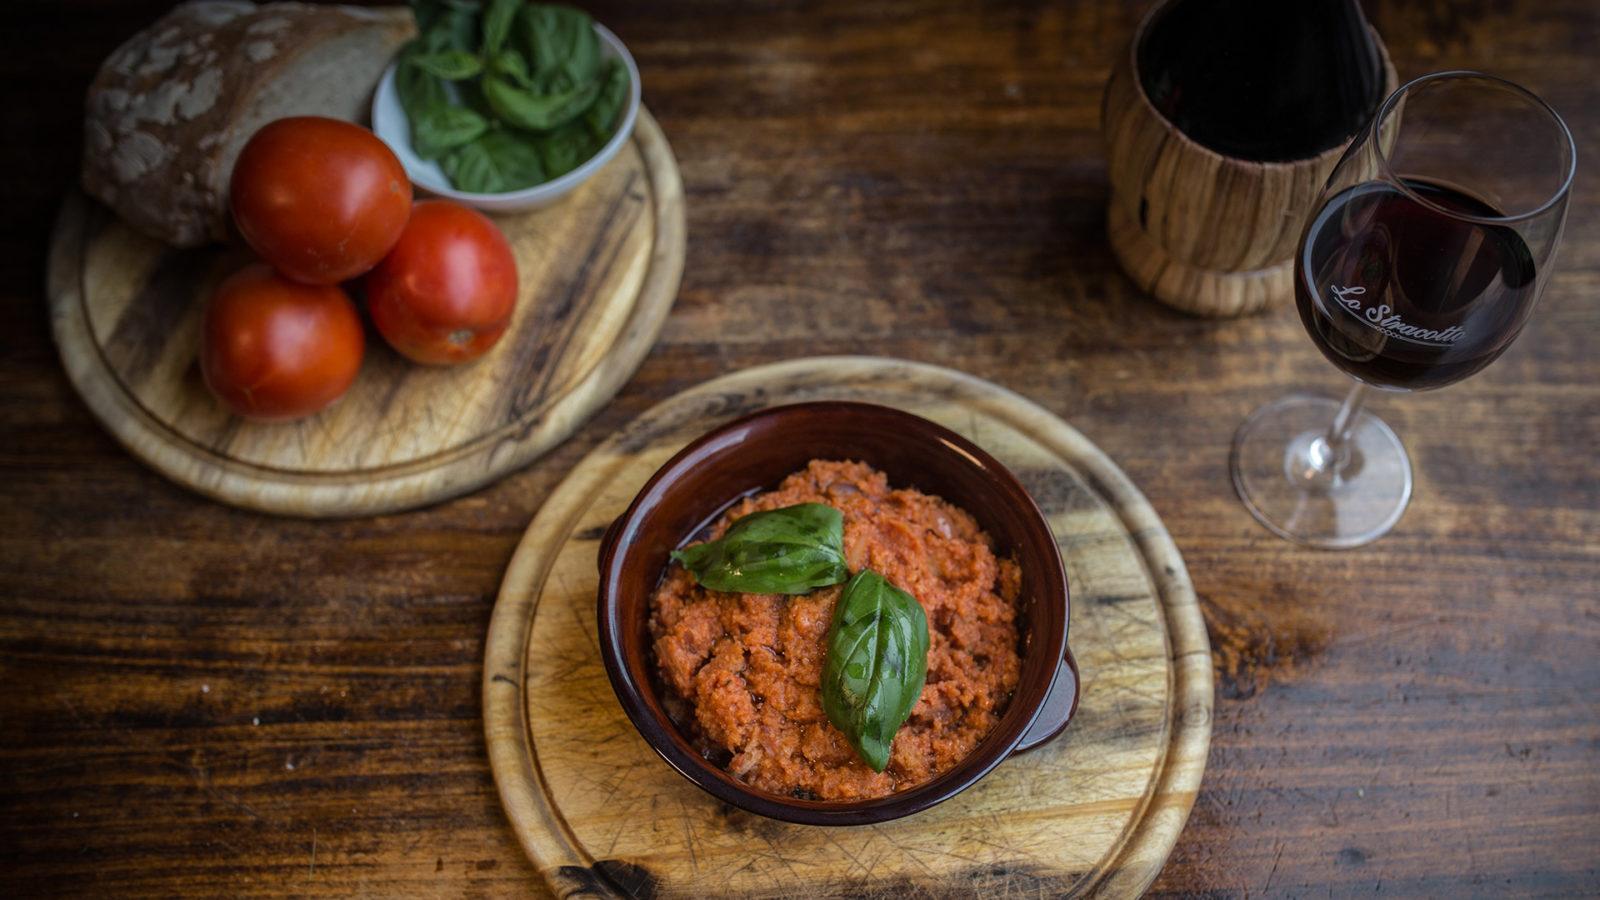 Pappa al pomodoro – piatti tipici toscani - Trattoria Firenze Centro Lo Stracotto